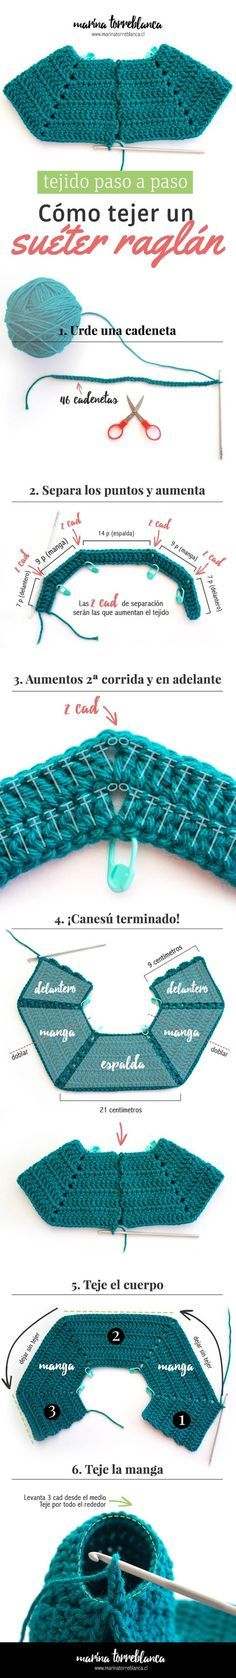 Explicado en fotos paso a paso, textos y tablas de medidas, ¡esta es la biblia que necesitas para tejer un sueter raglan a crochet!